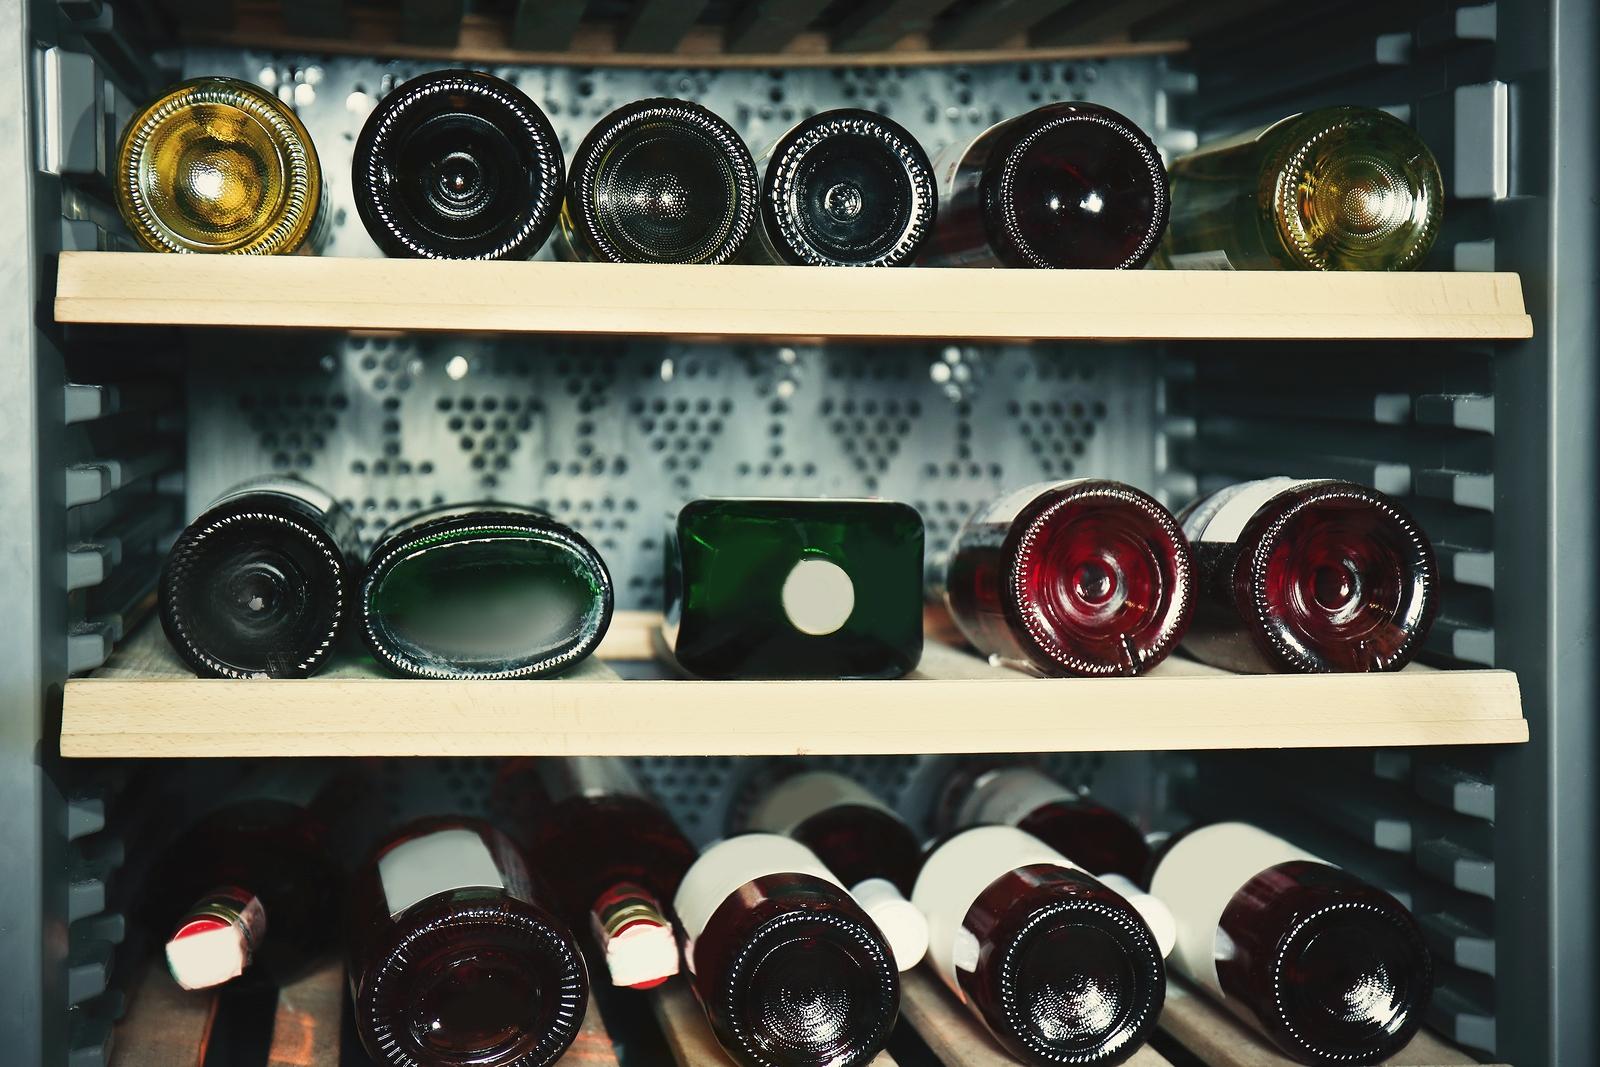 bigstock-Wine-bottles-cooling-in-refrig-180805741